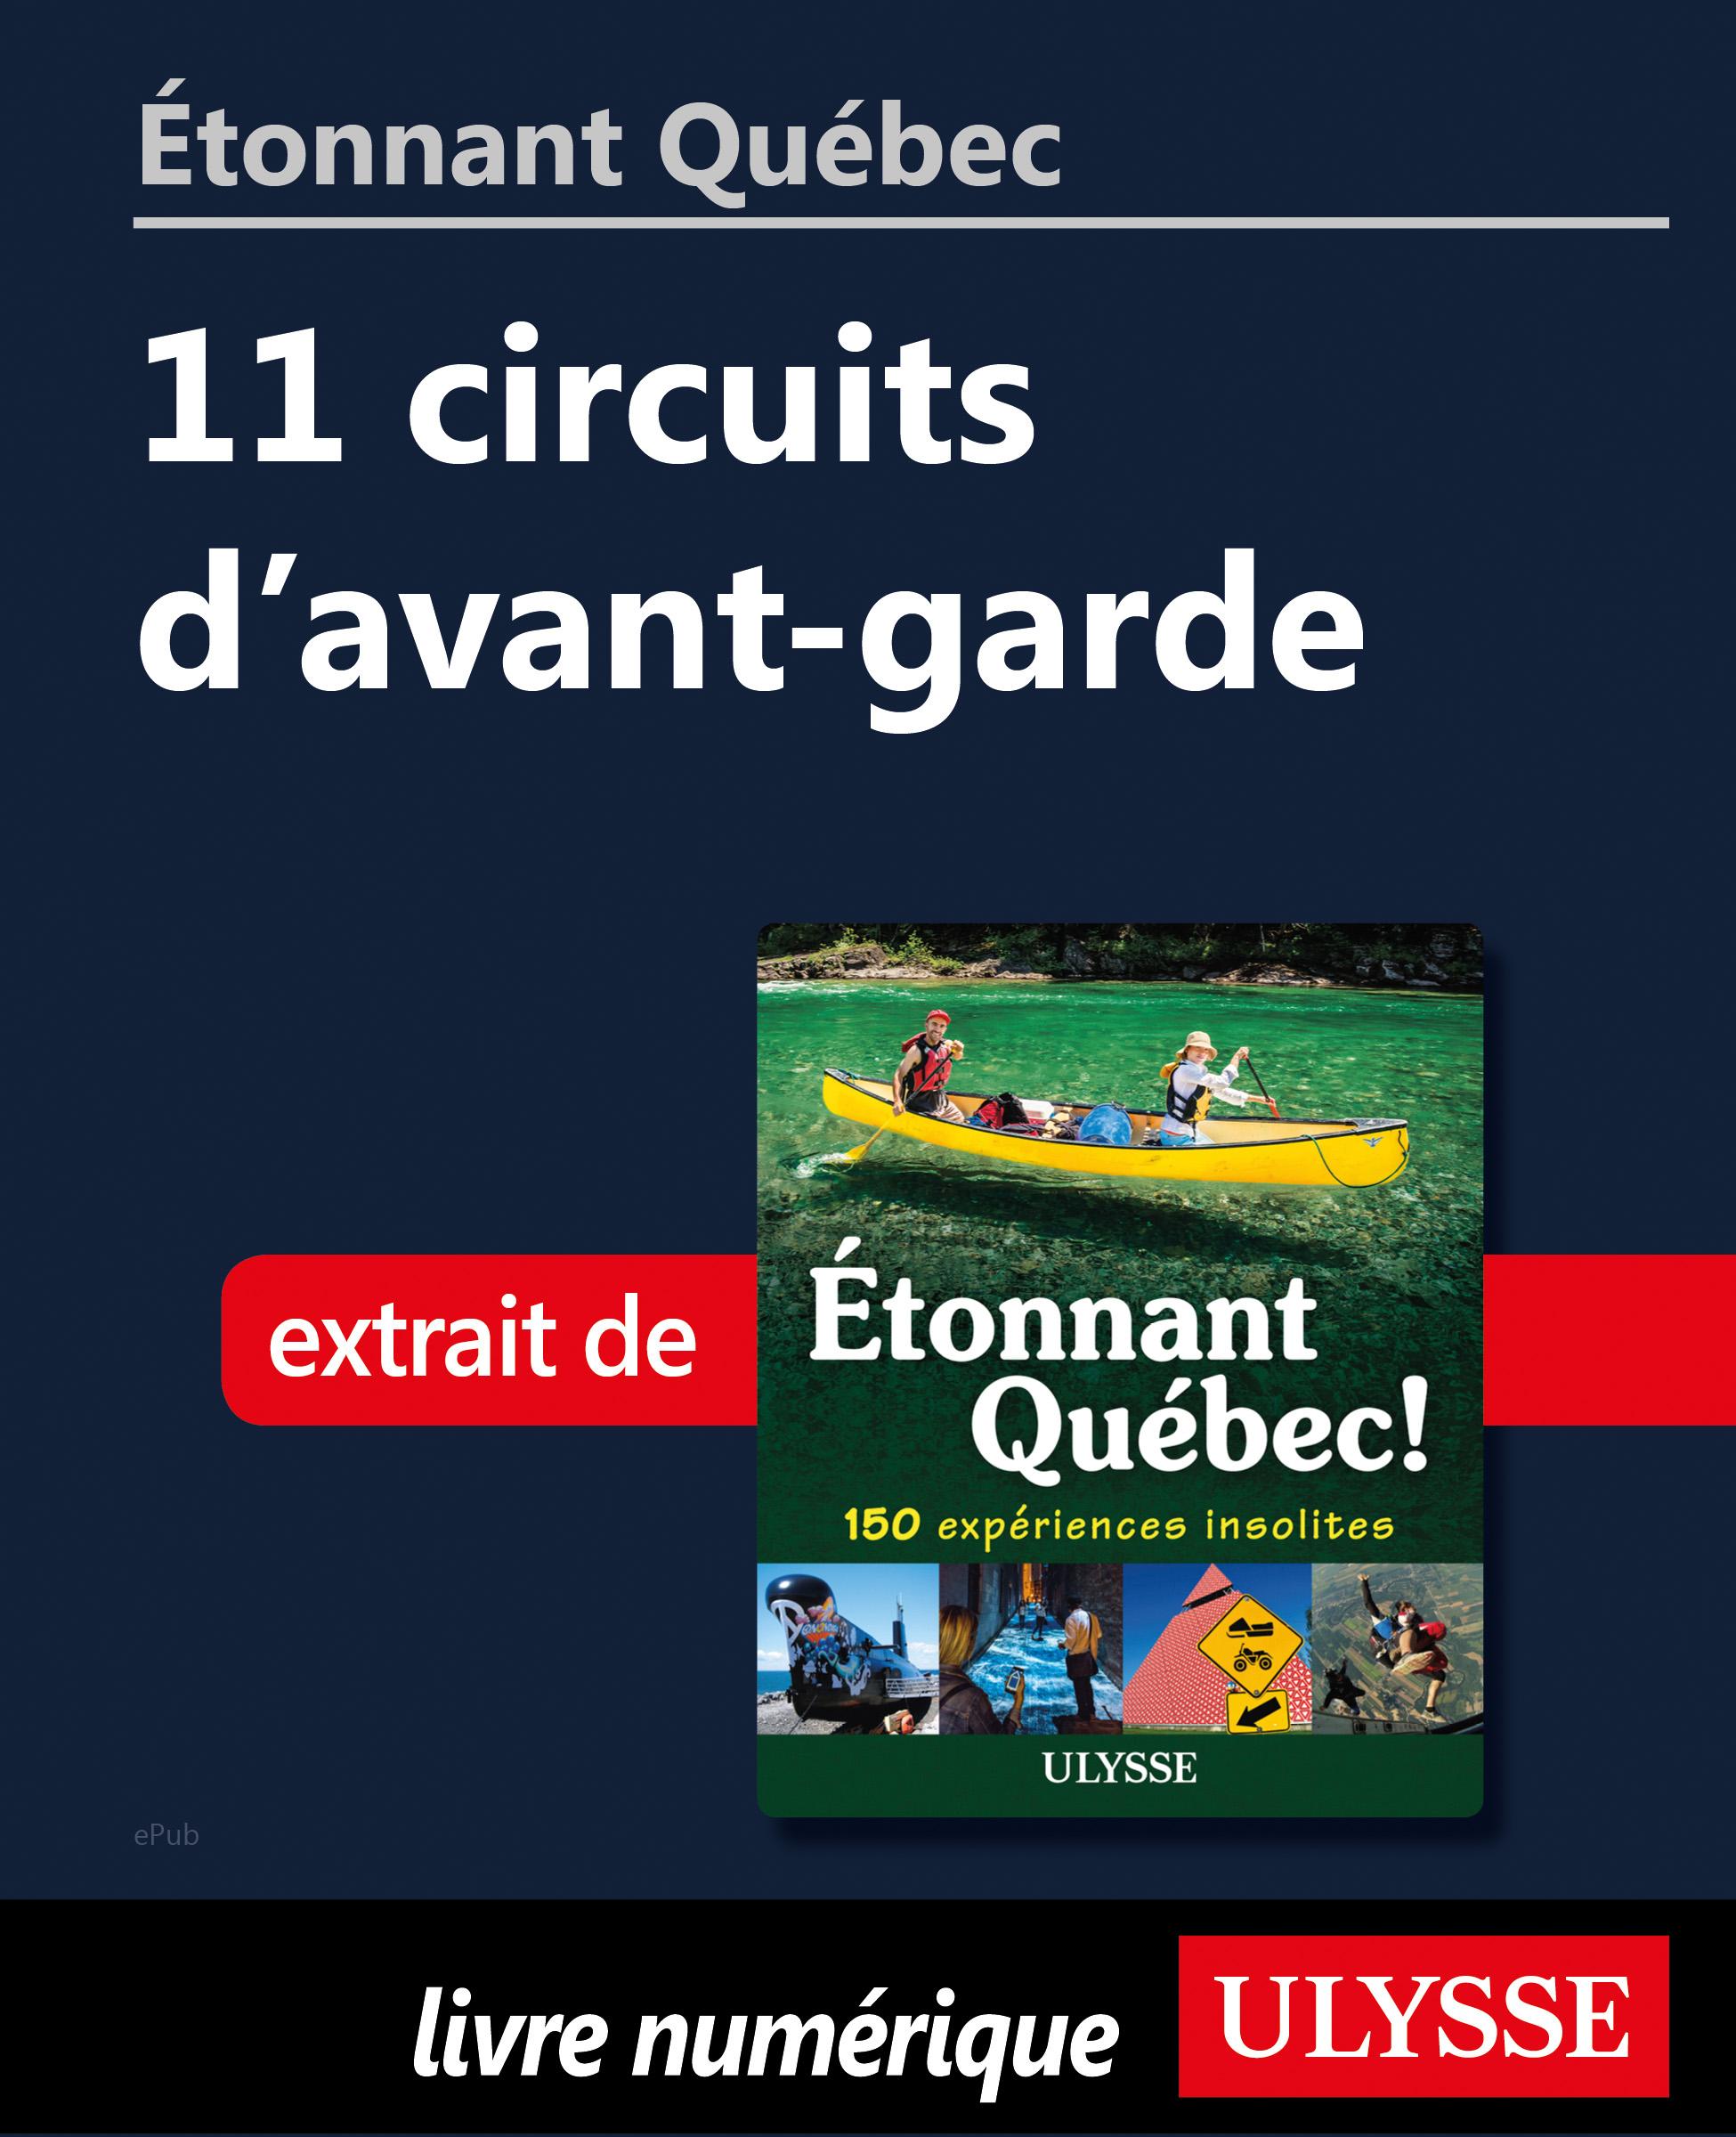 Étonnant Québec: 11 circuits d'avant-garde